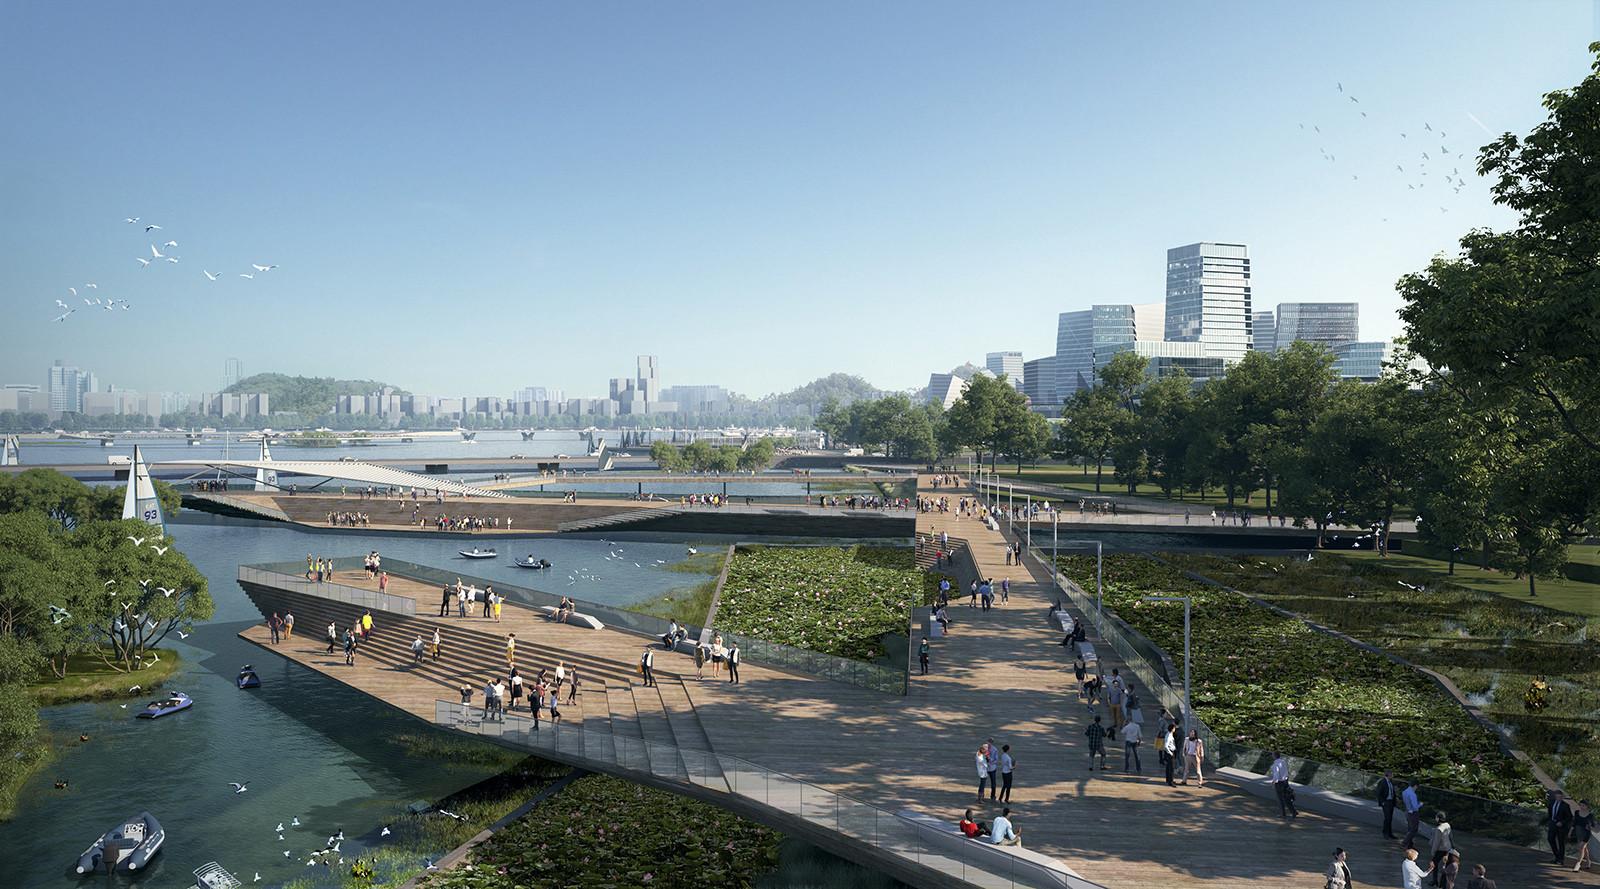 ciudad inteligente propuesta por Tencent en China